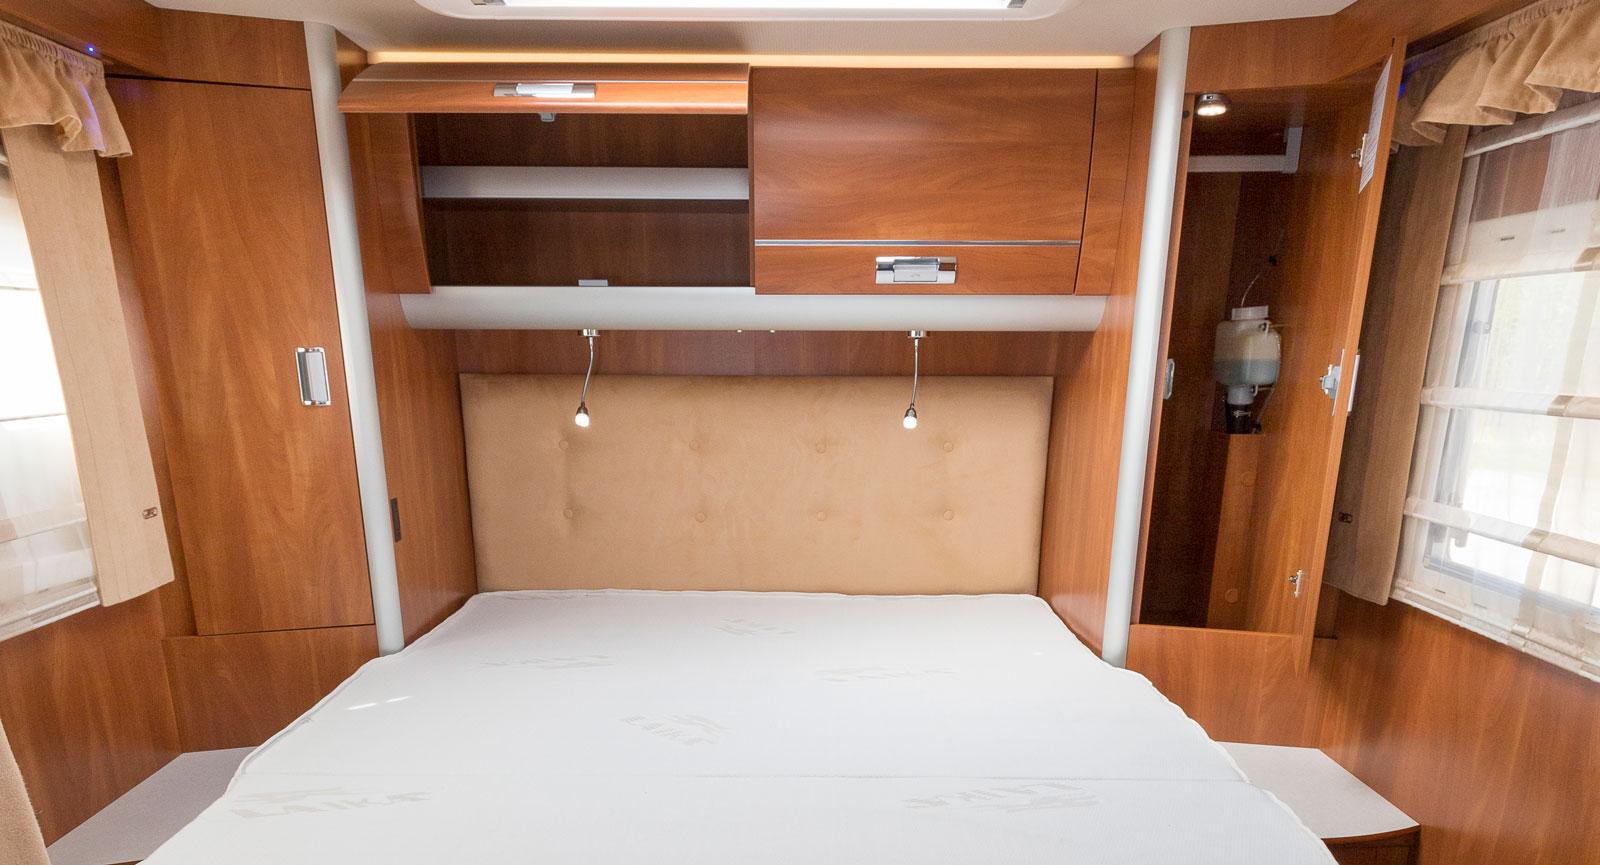 Queenbed för de som gillar att ligga ihop. På mitten är sängen 195 centimeter lång, men den siffran naggas utåt kanterna.